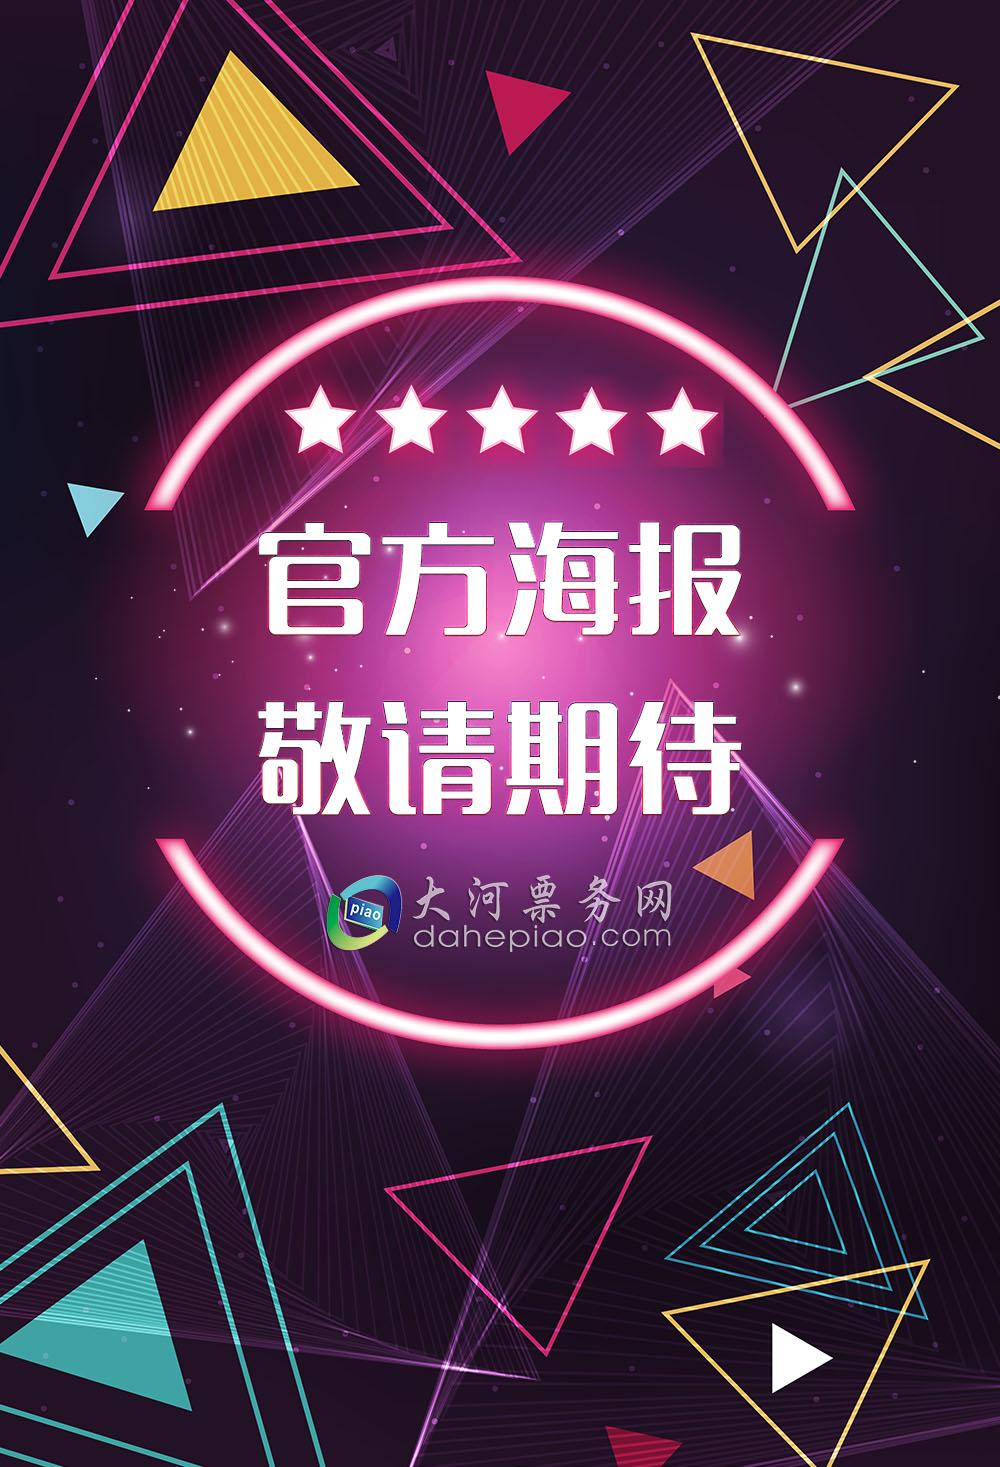 吴亦凡宁波演唱会